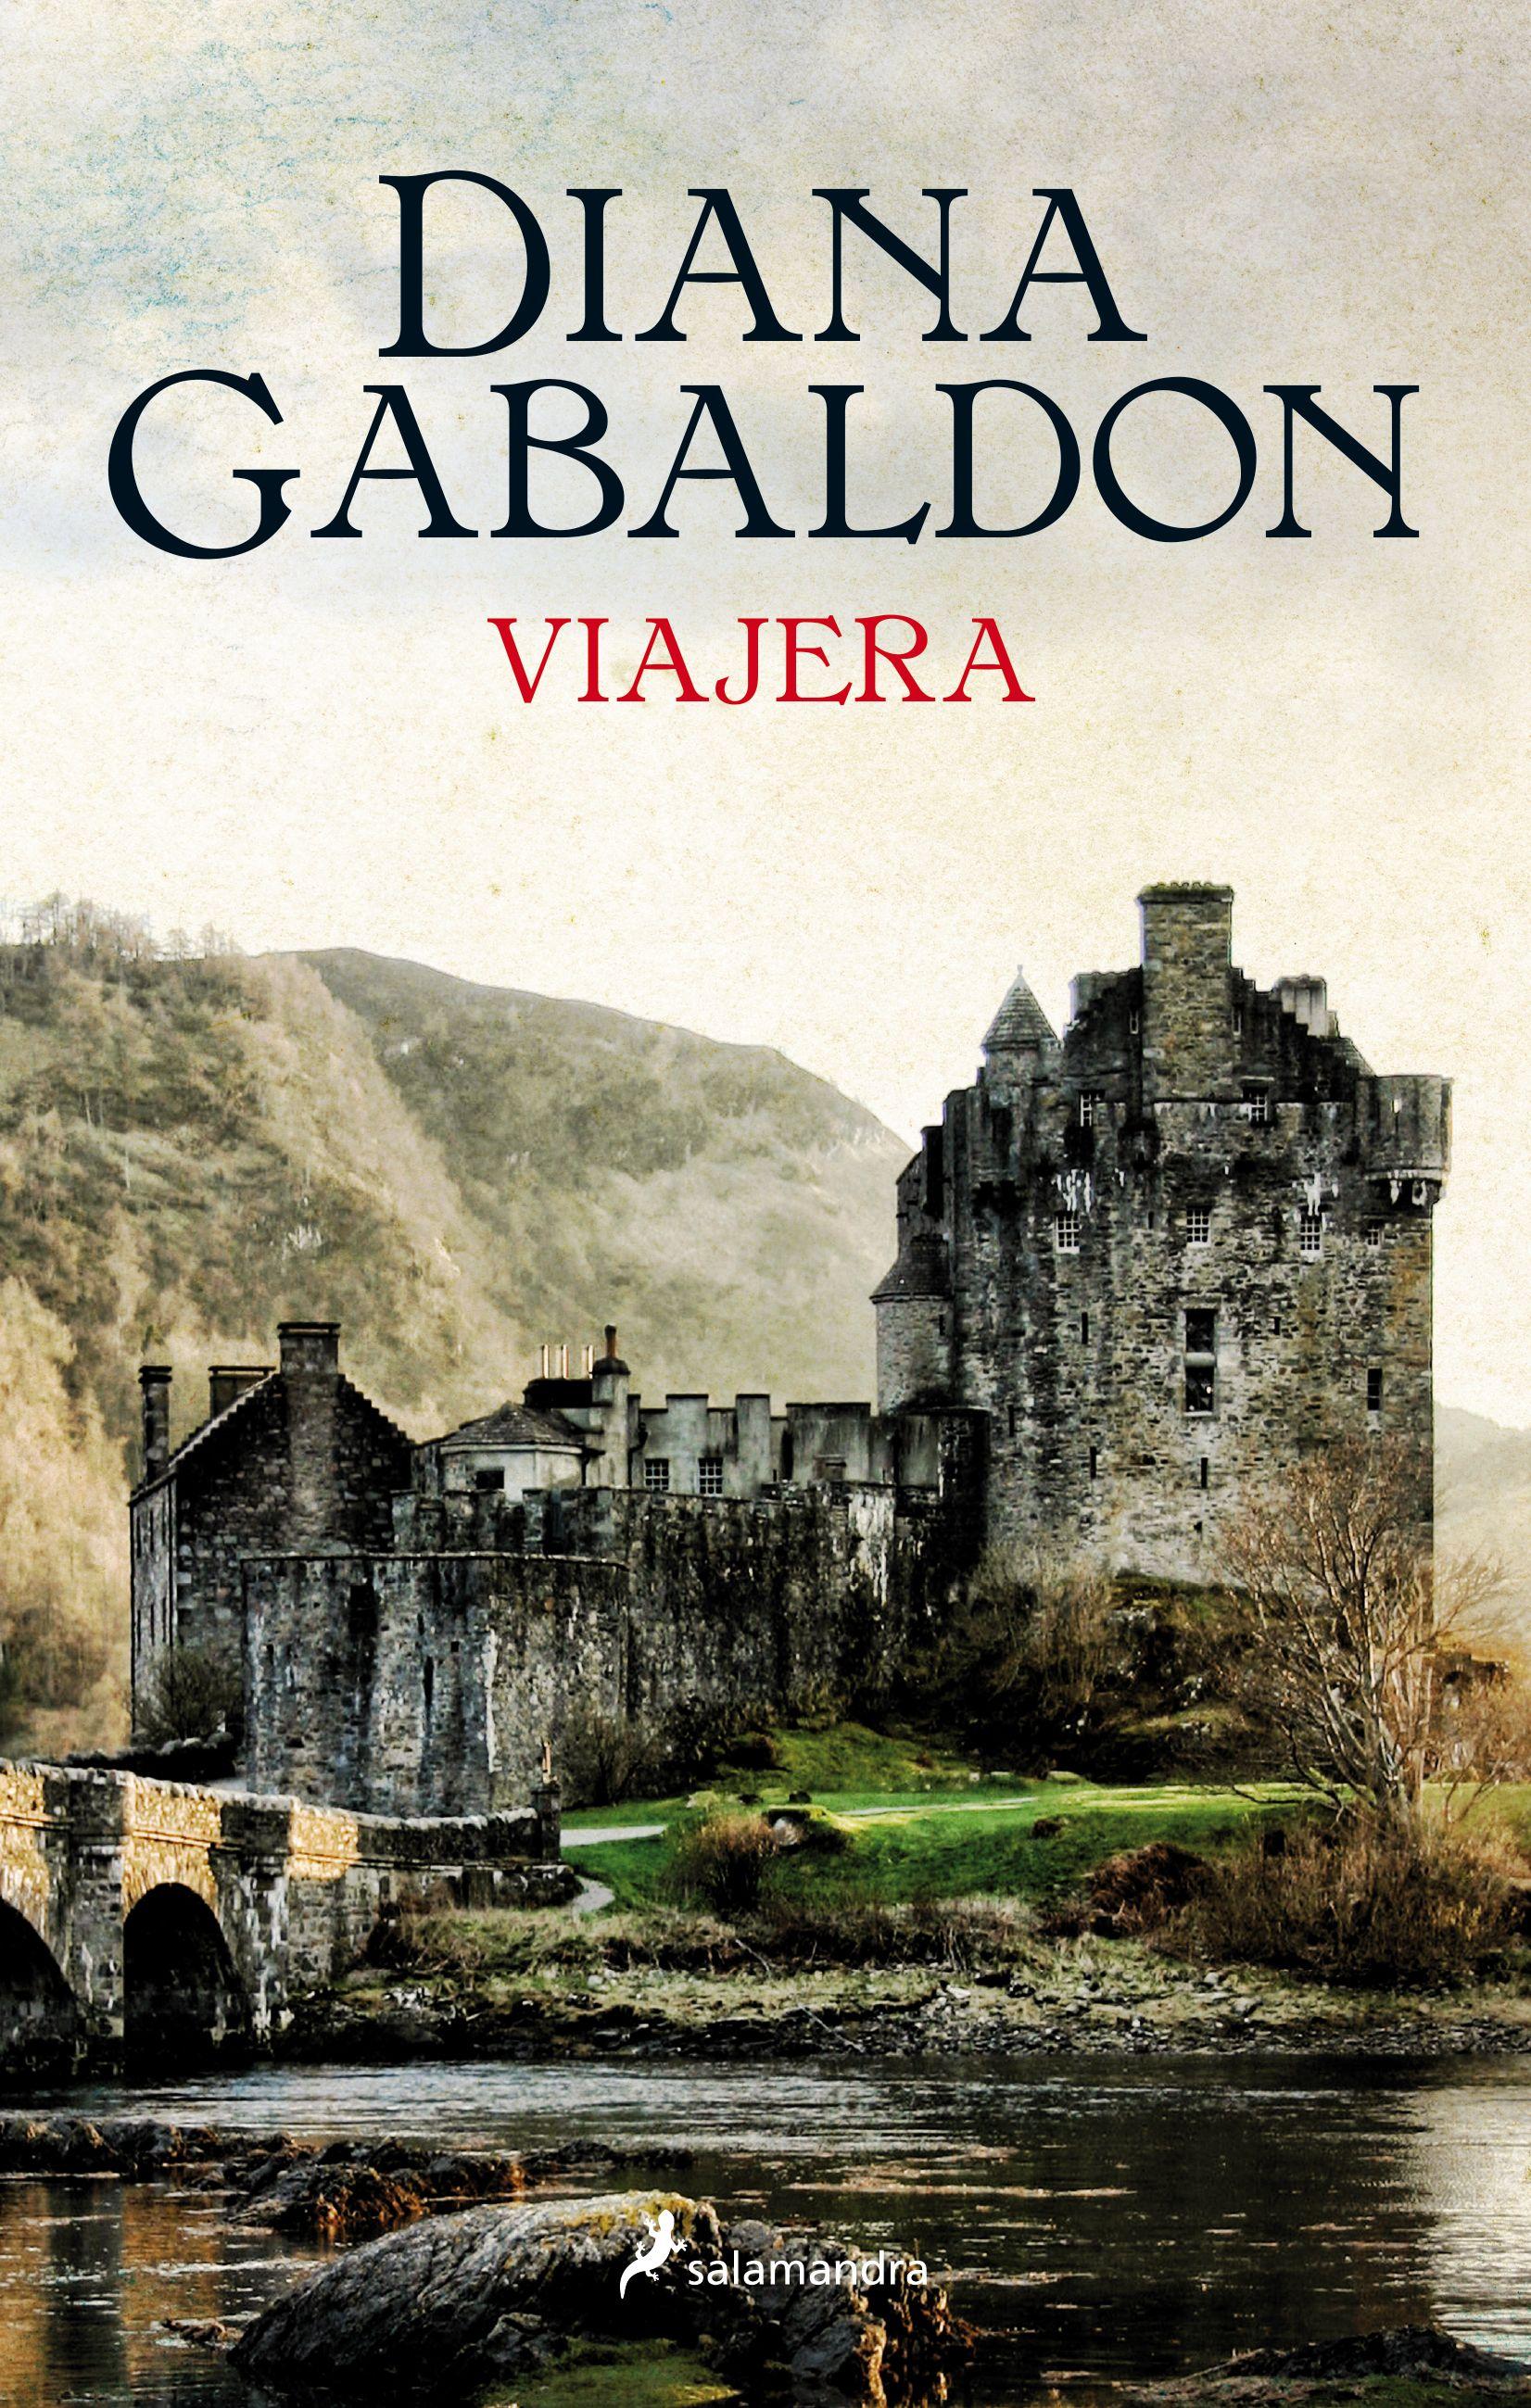 Viajera Outlander Diana Gabaldon El Baul De Edenia Diana Gabaldon Outlander World Of Books